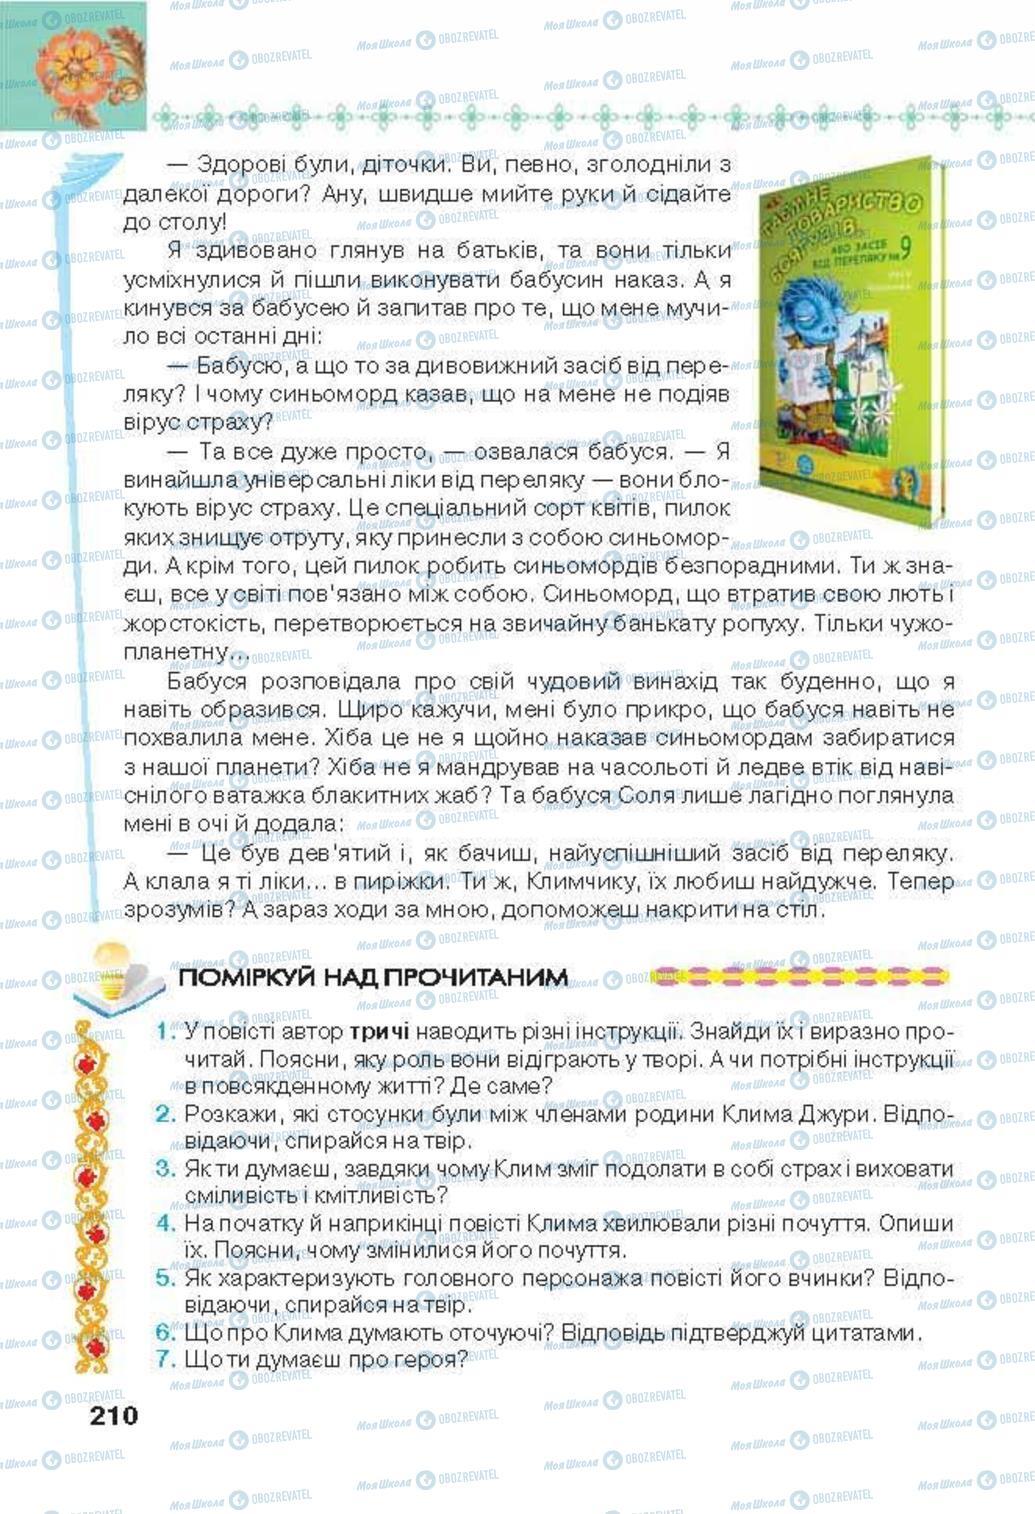 Підручники Українська література 6 клас сторінка 210